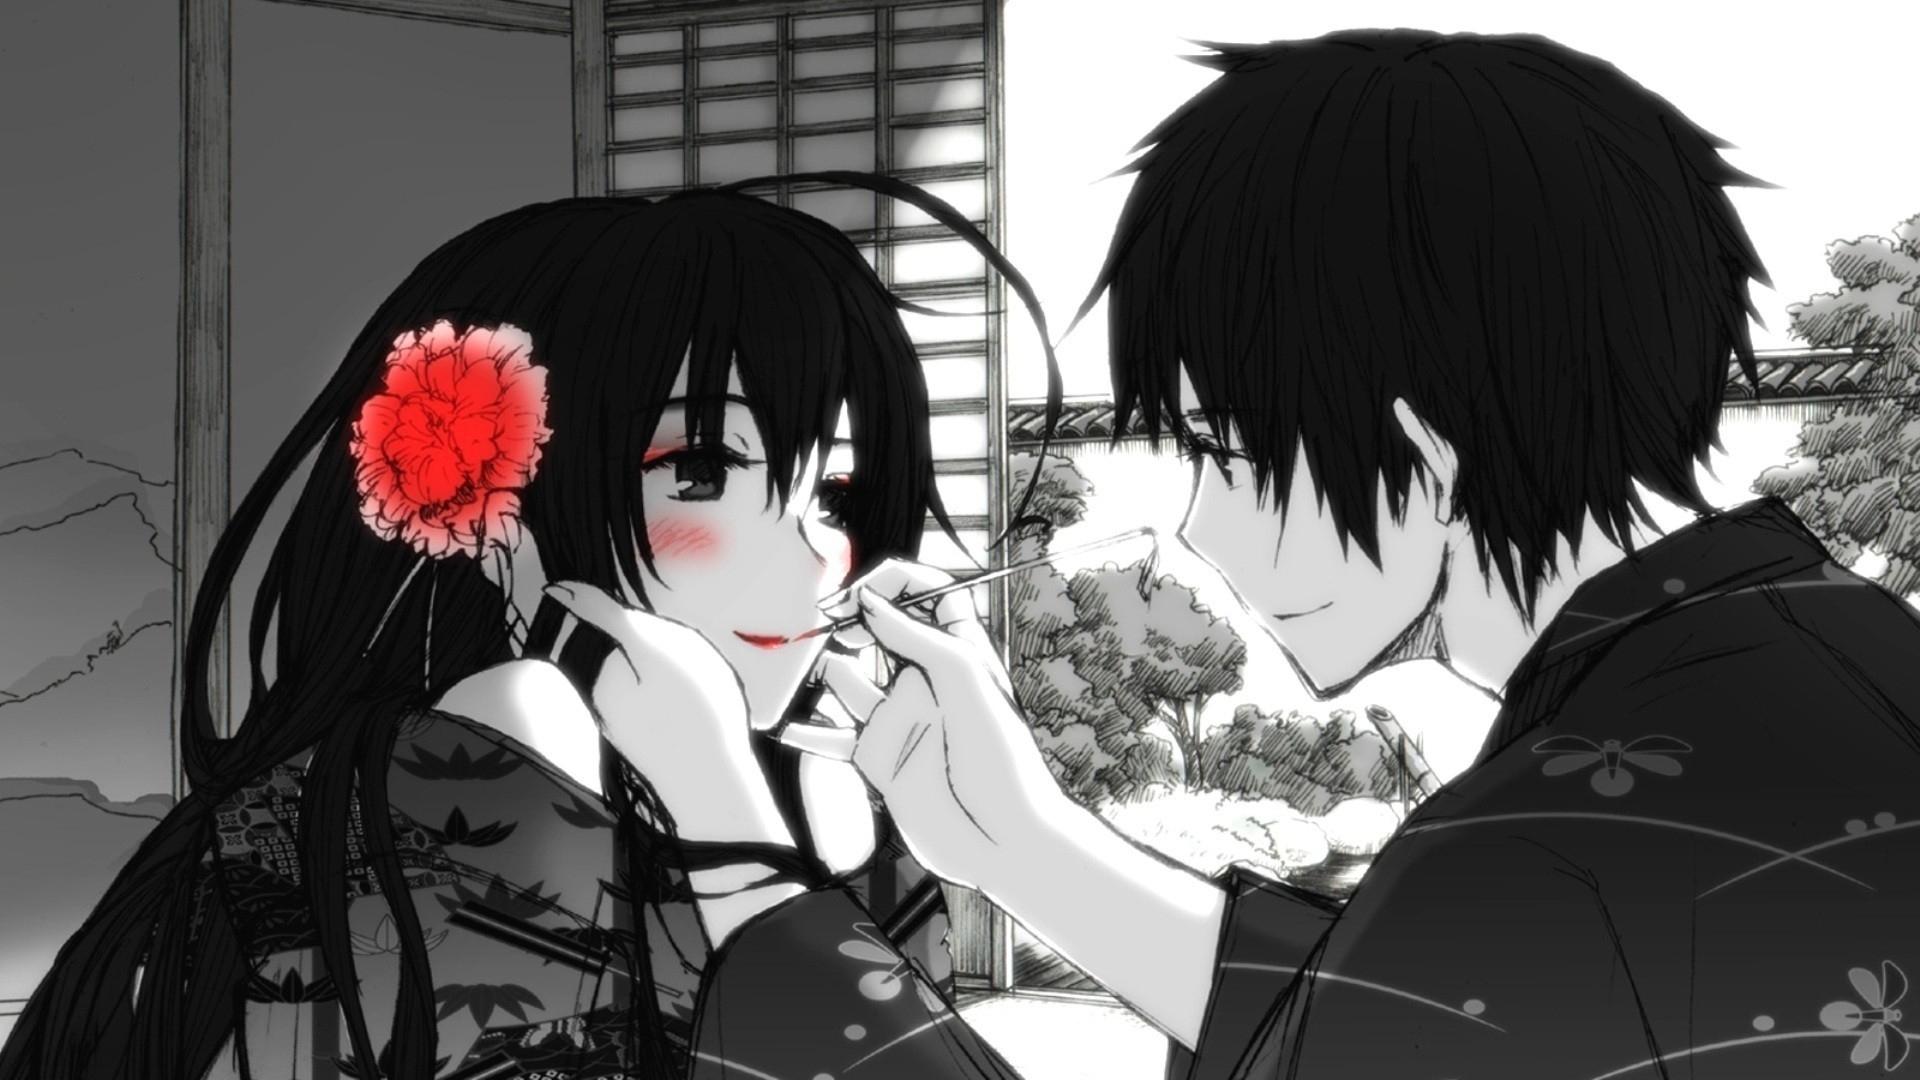 Anime Boy And Girl anime boy and girl - image #7